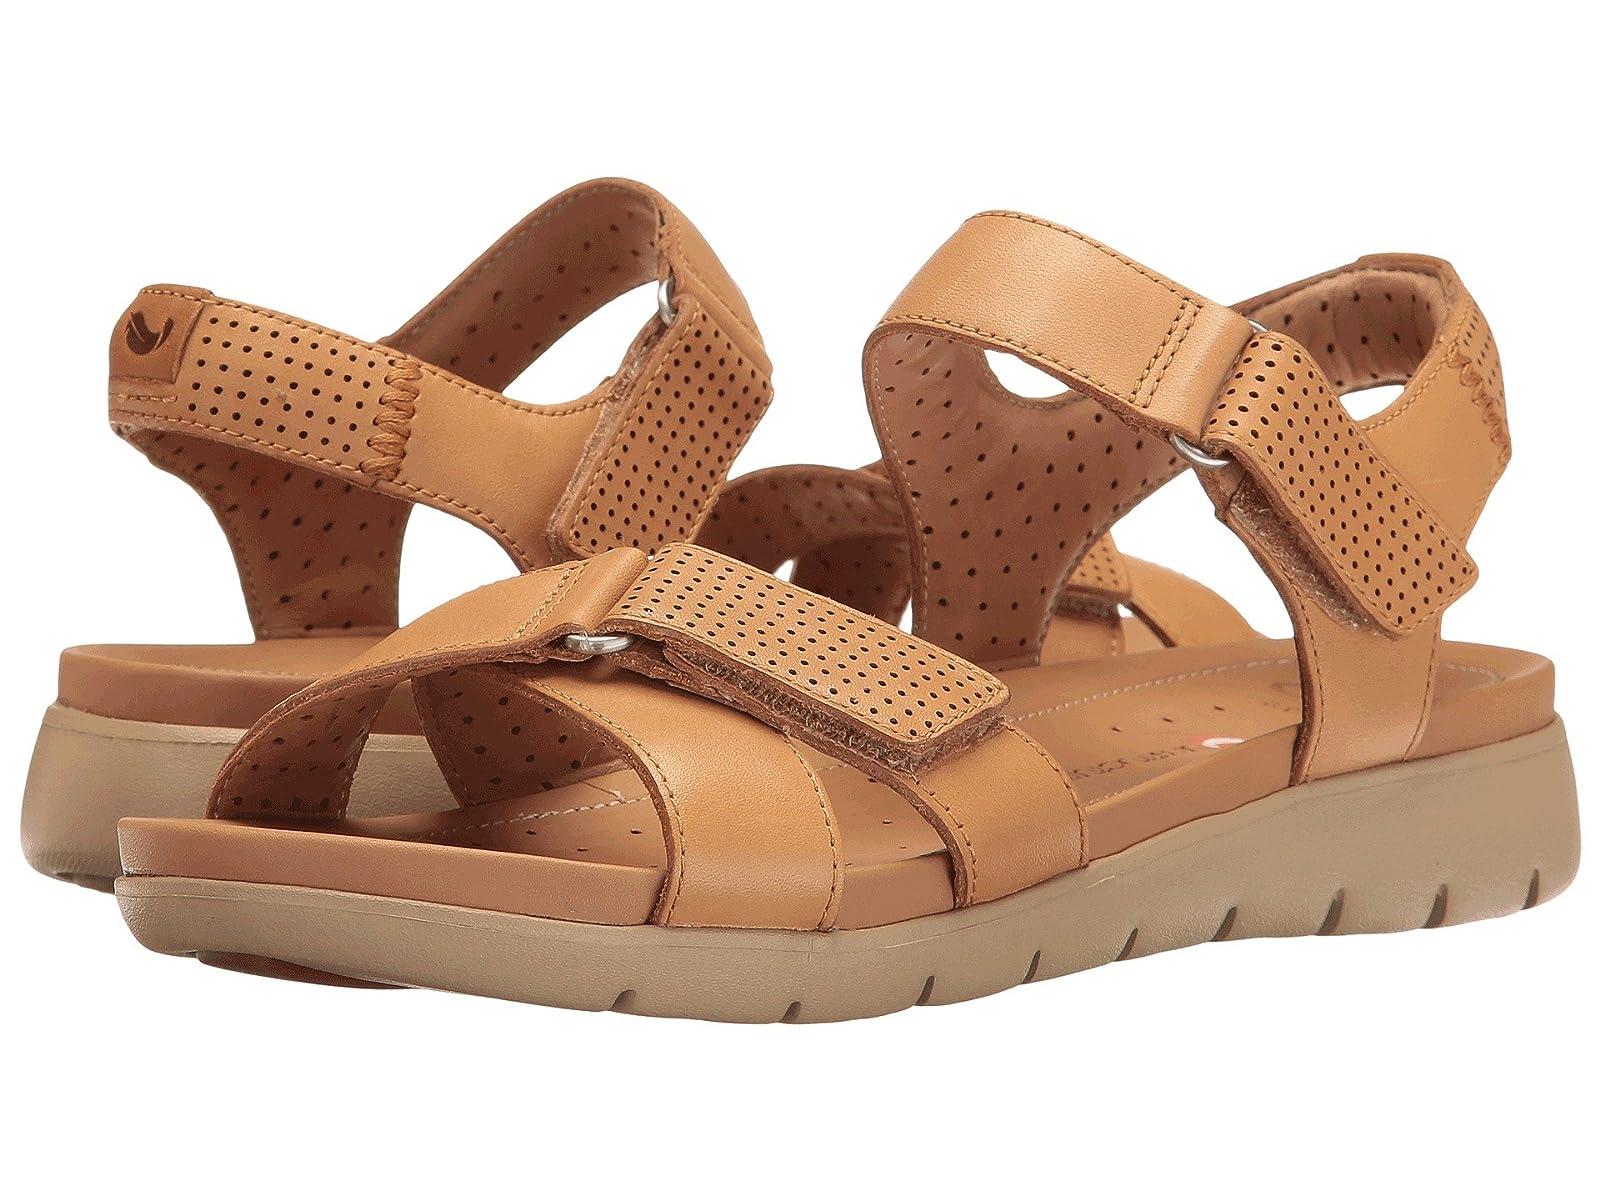 Clarks Un SaffronCheap and distinctive eye-catching shoes